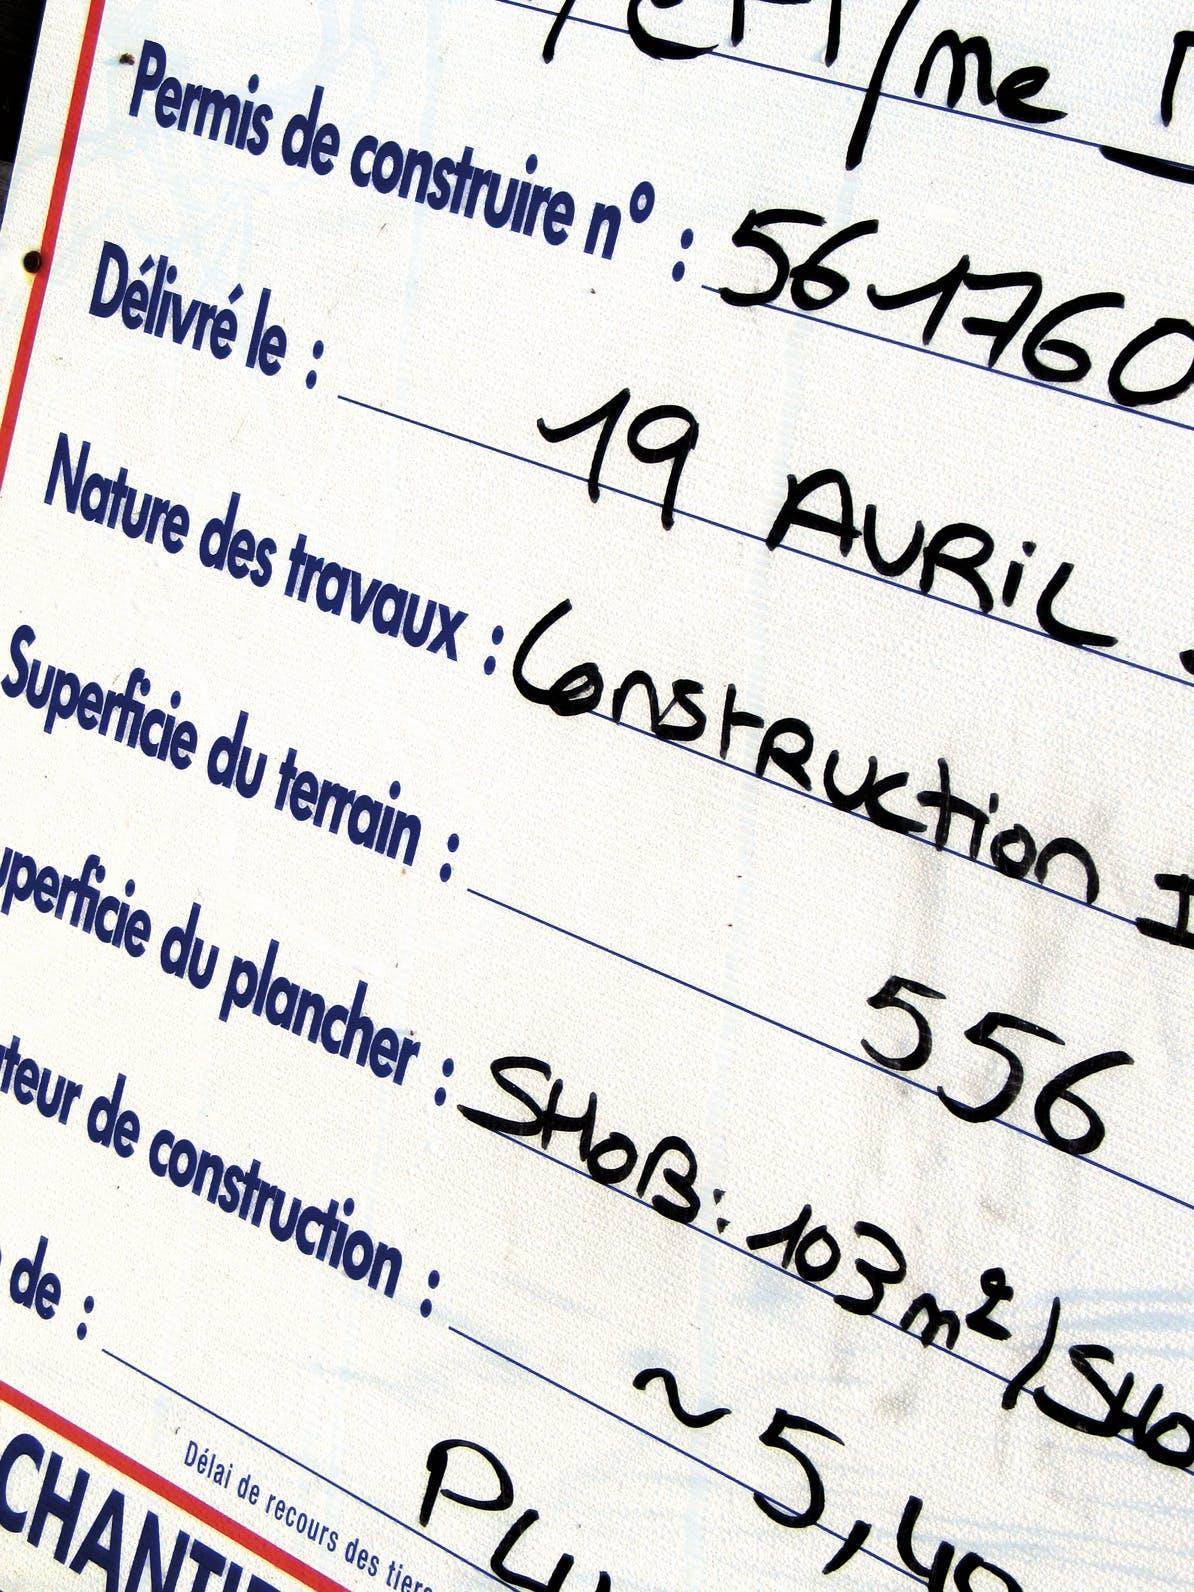 Le permis de construire